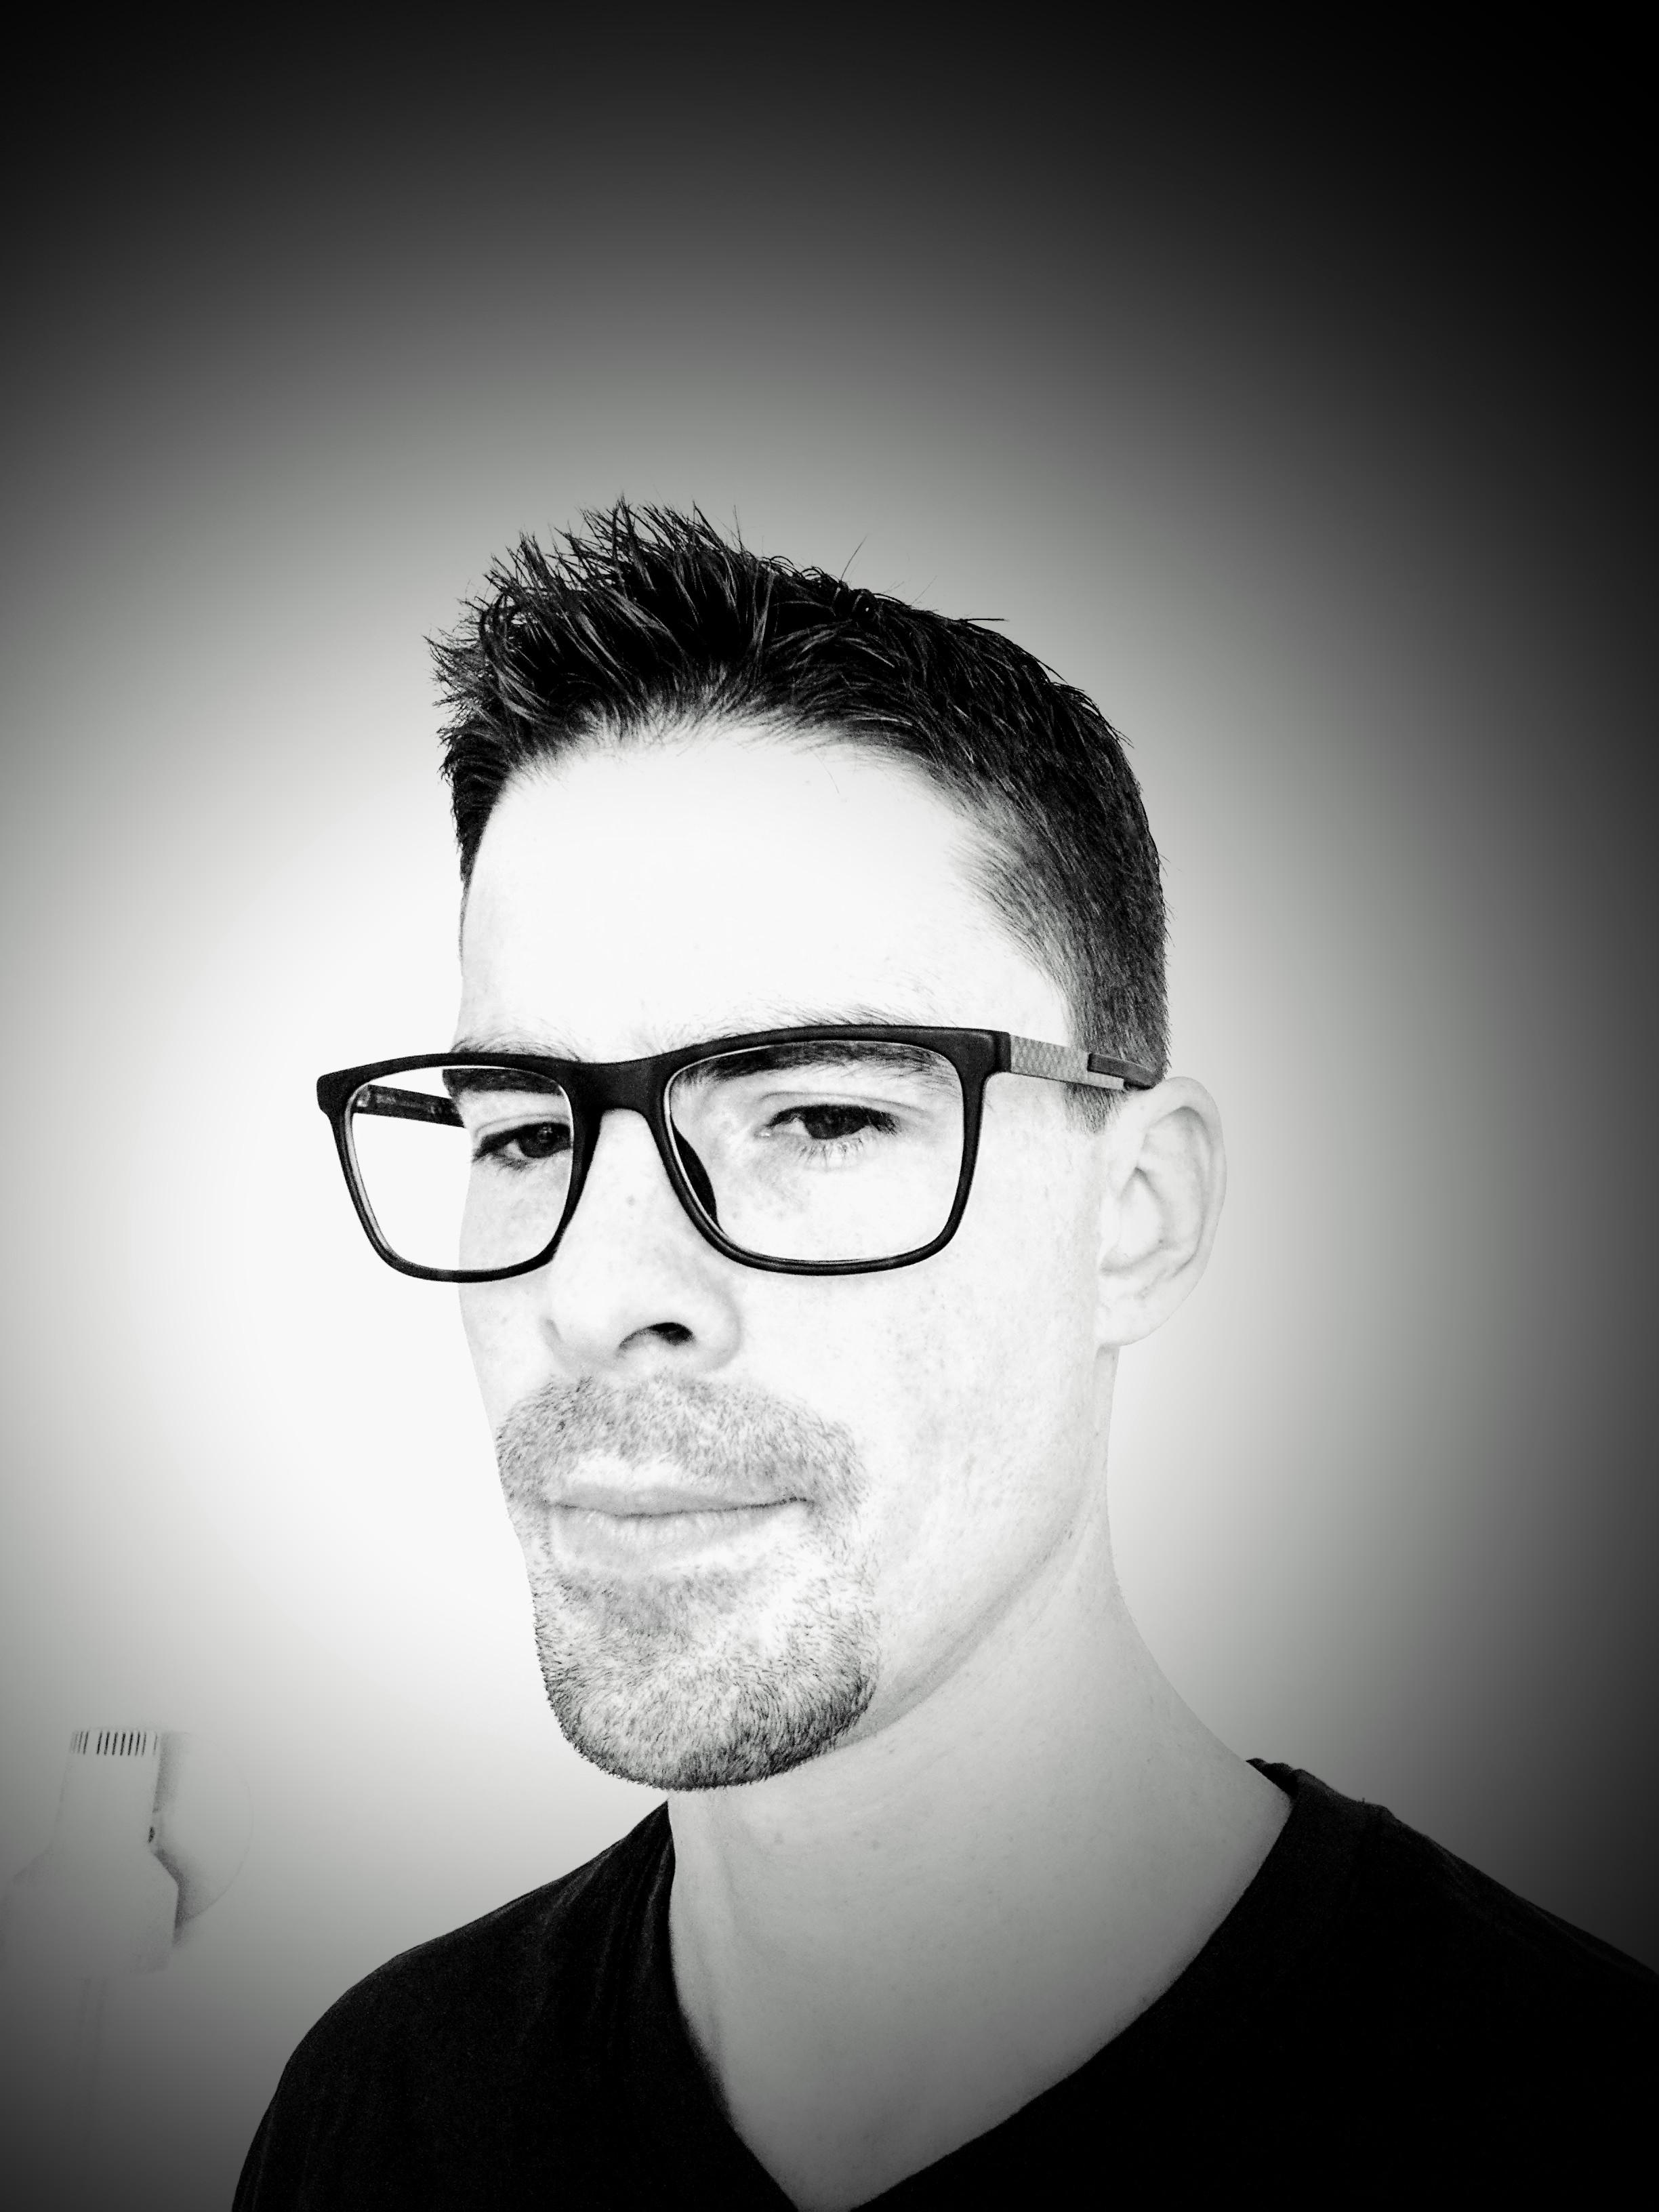 Chris /InfoTech